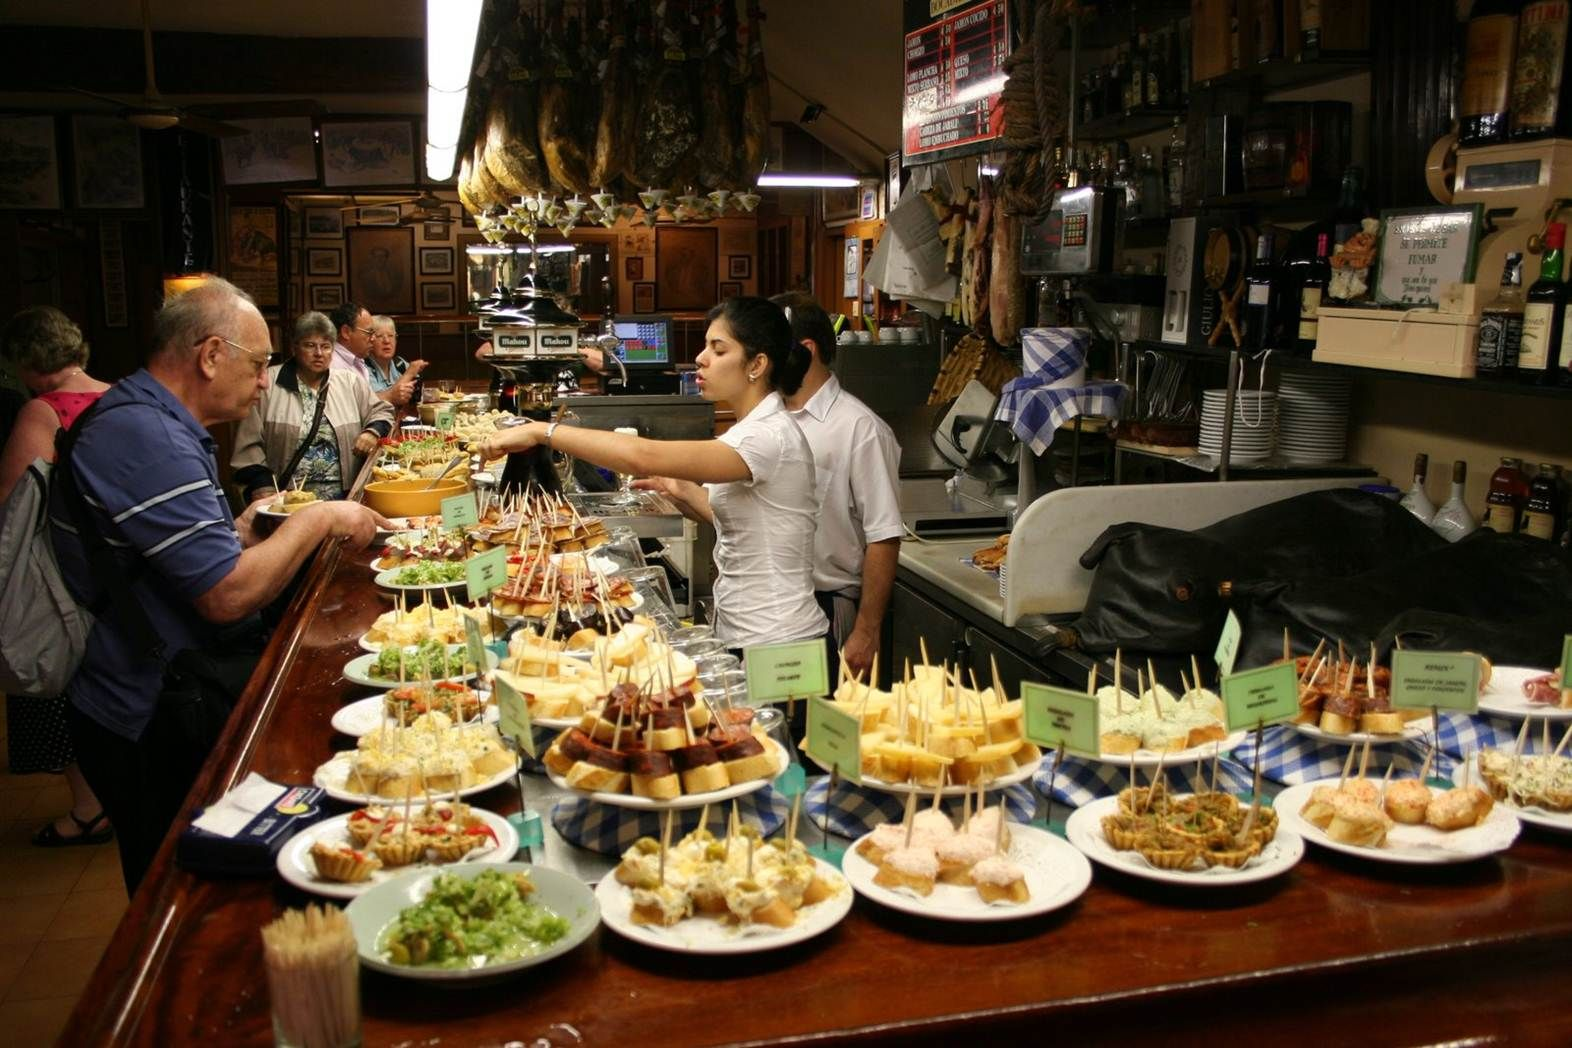 Bar de tapas comer 8 tapas y pinchos pinterest - La cuisine en espagnol ...